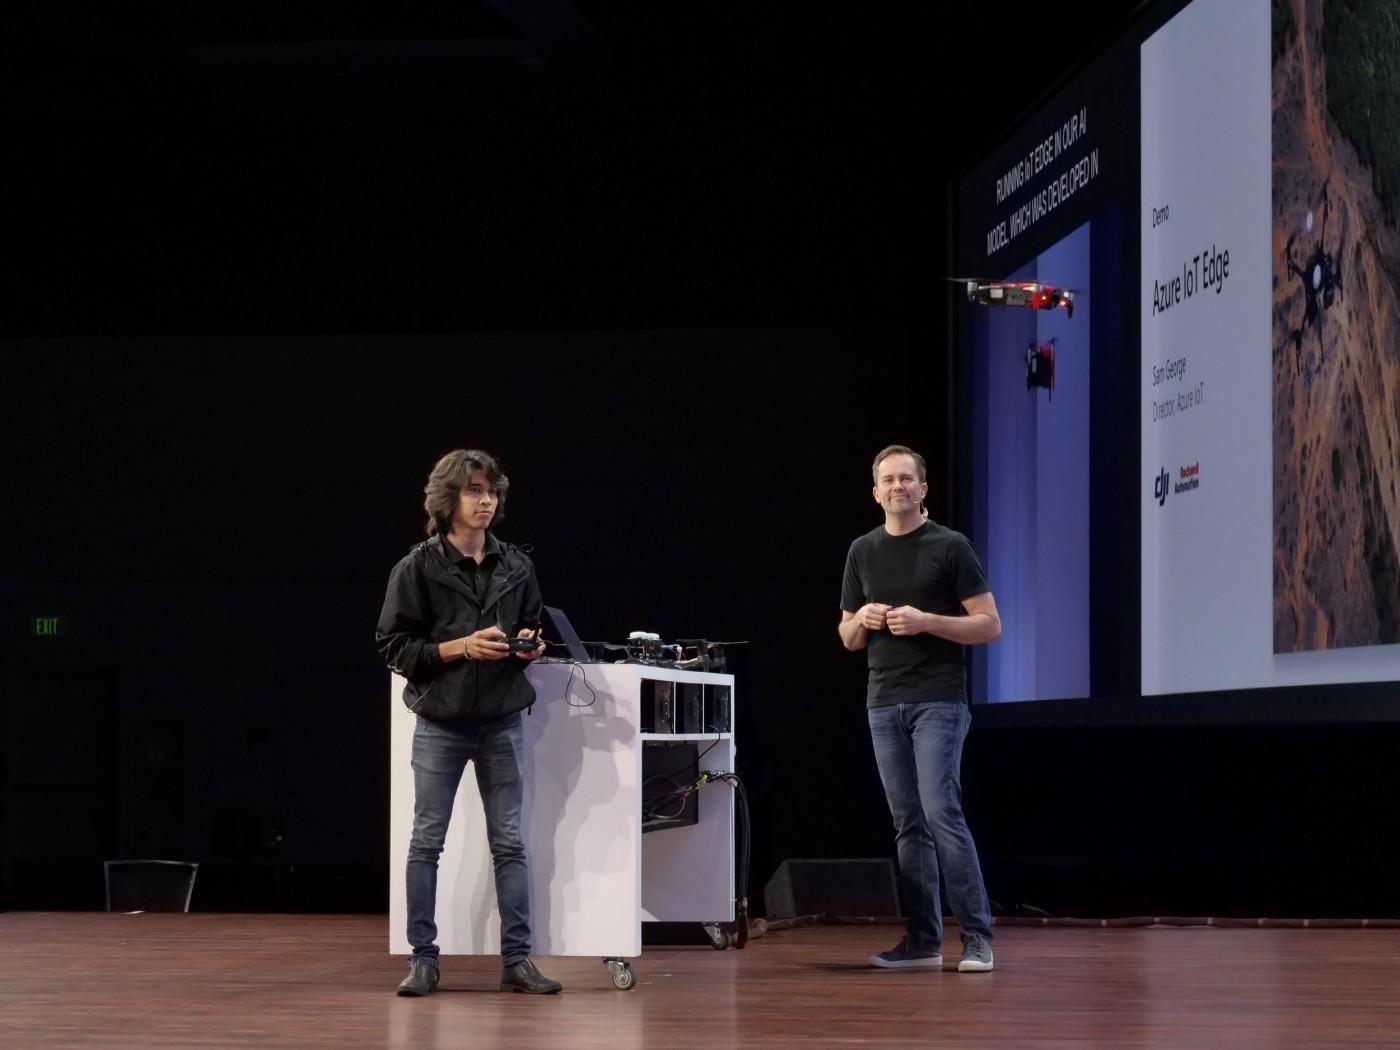 微軟Build 2018 硬體更新亮點:打造未來辦公室、電腦操控無人機